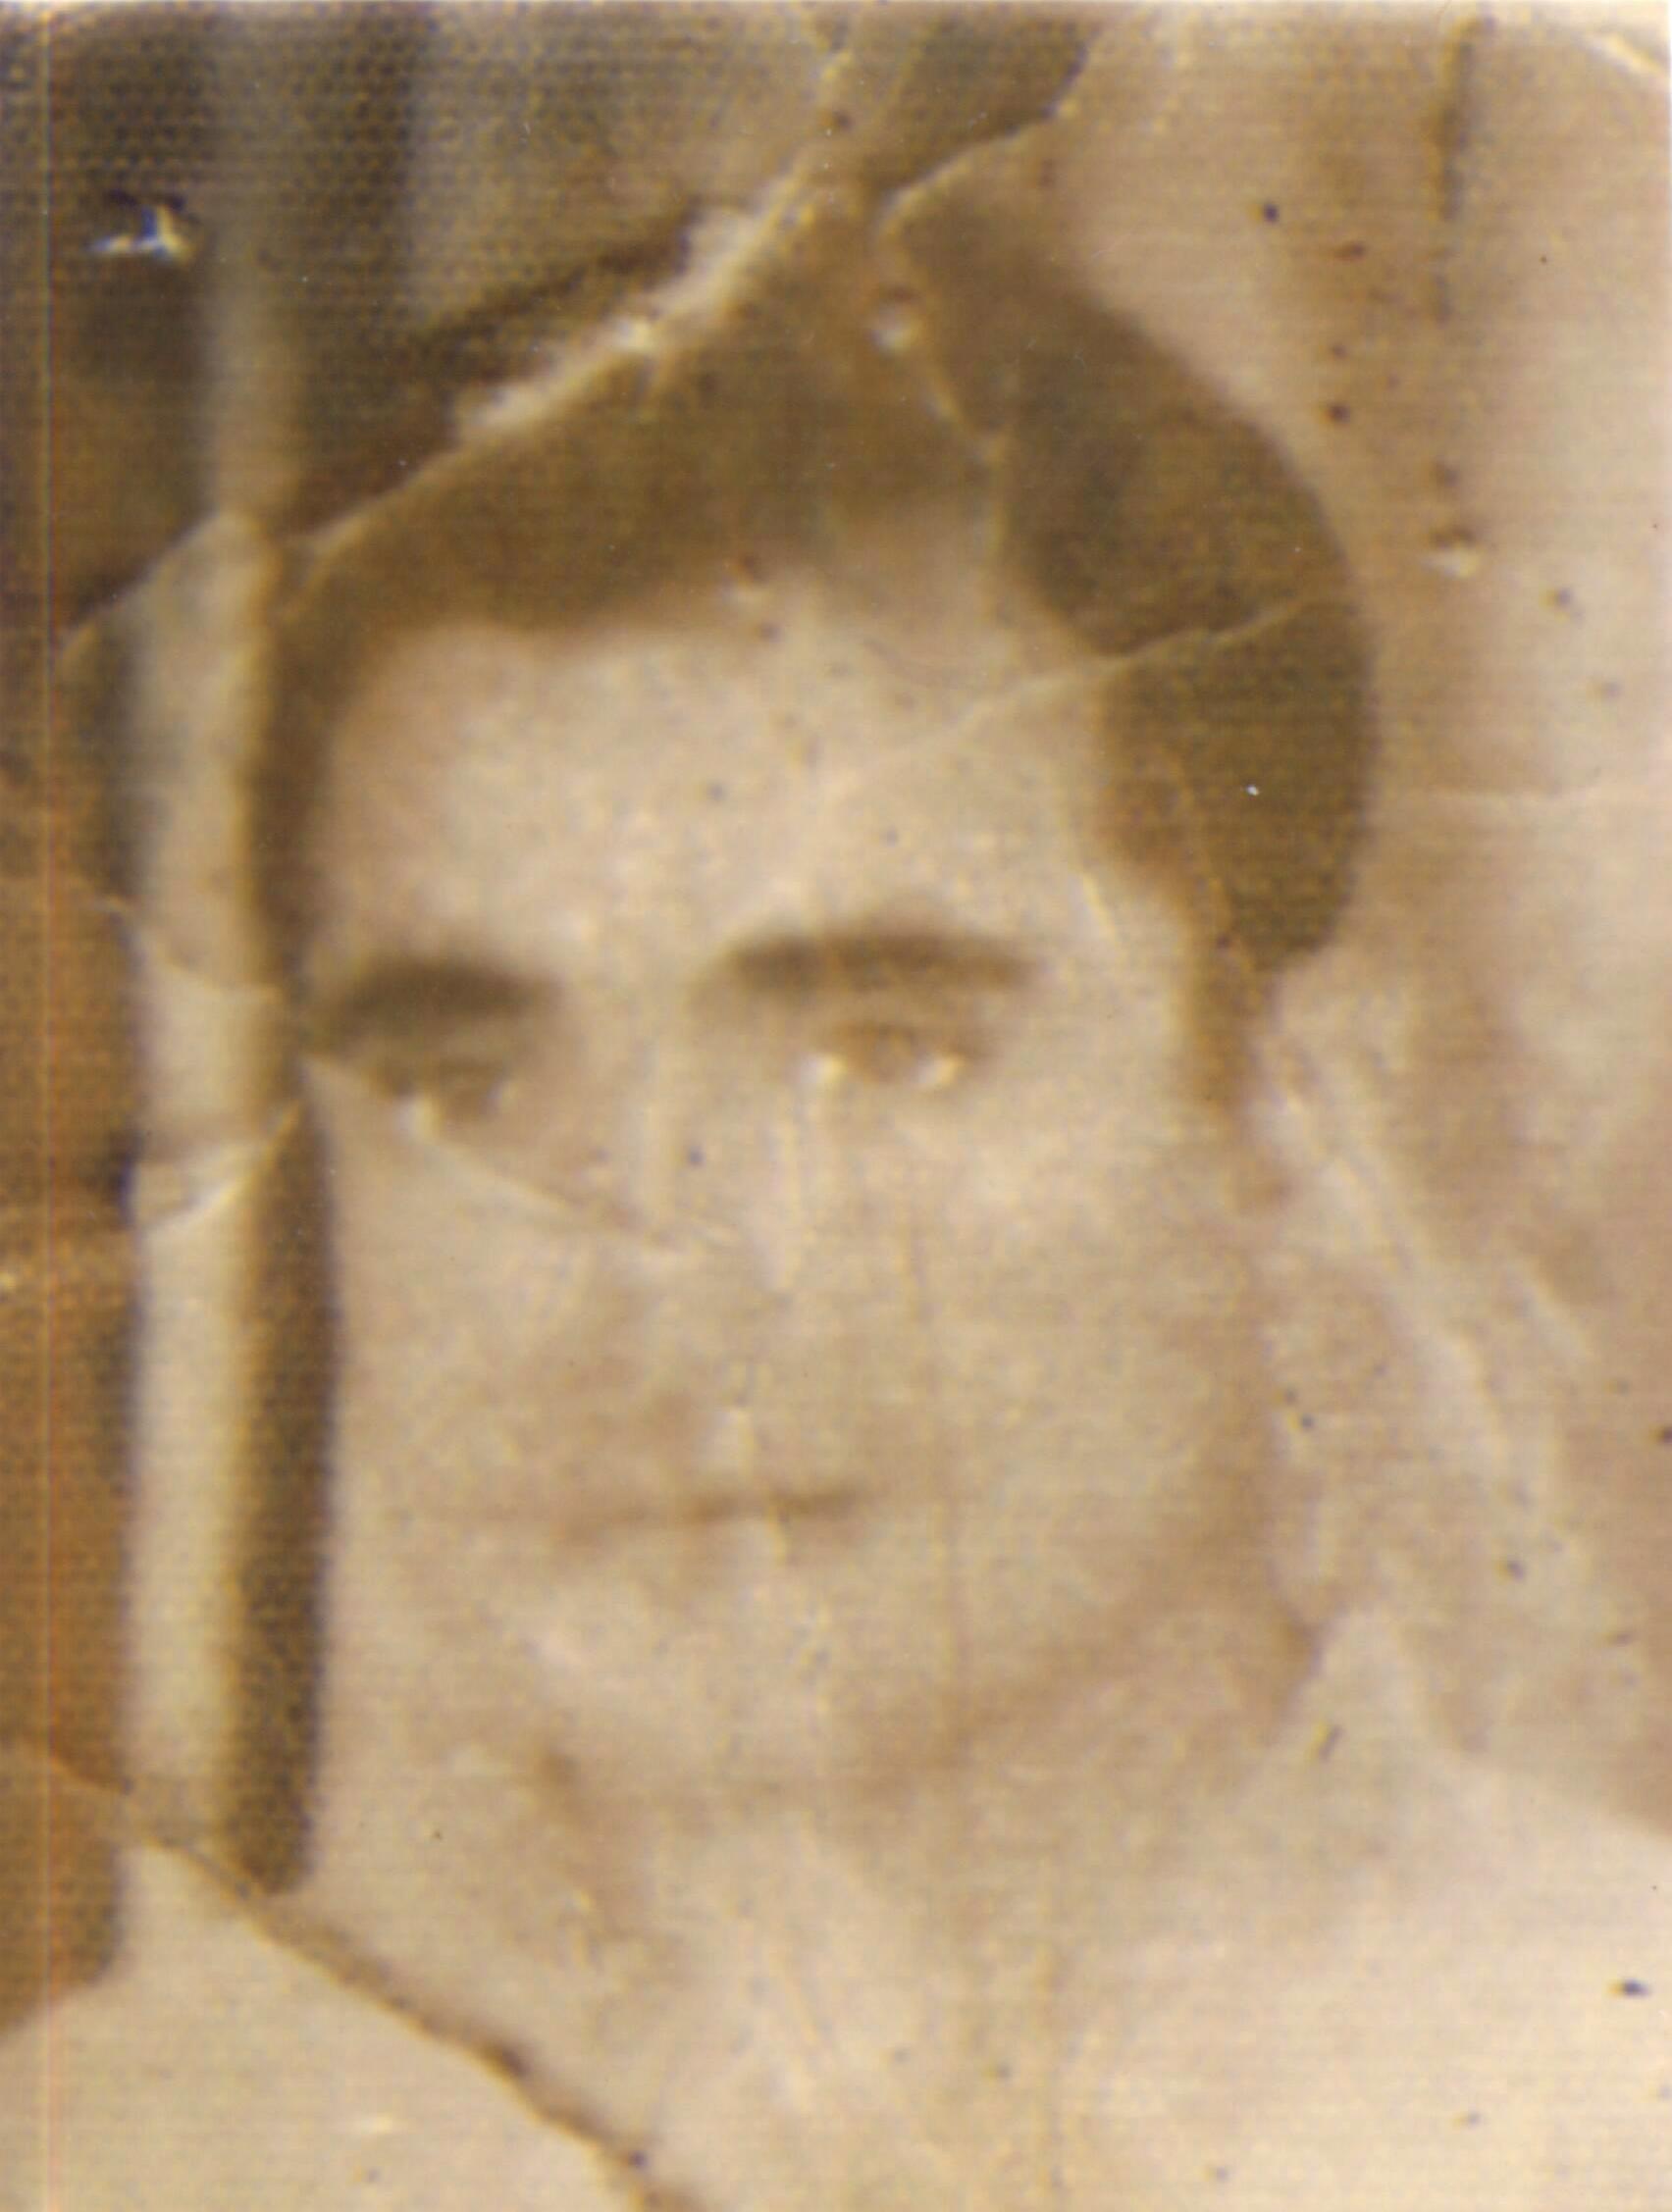 ناجي بن محمد بن عبدالرب المَنْصَري